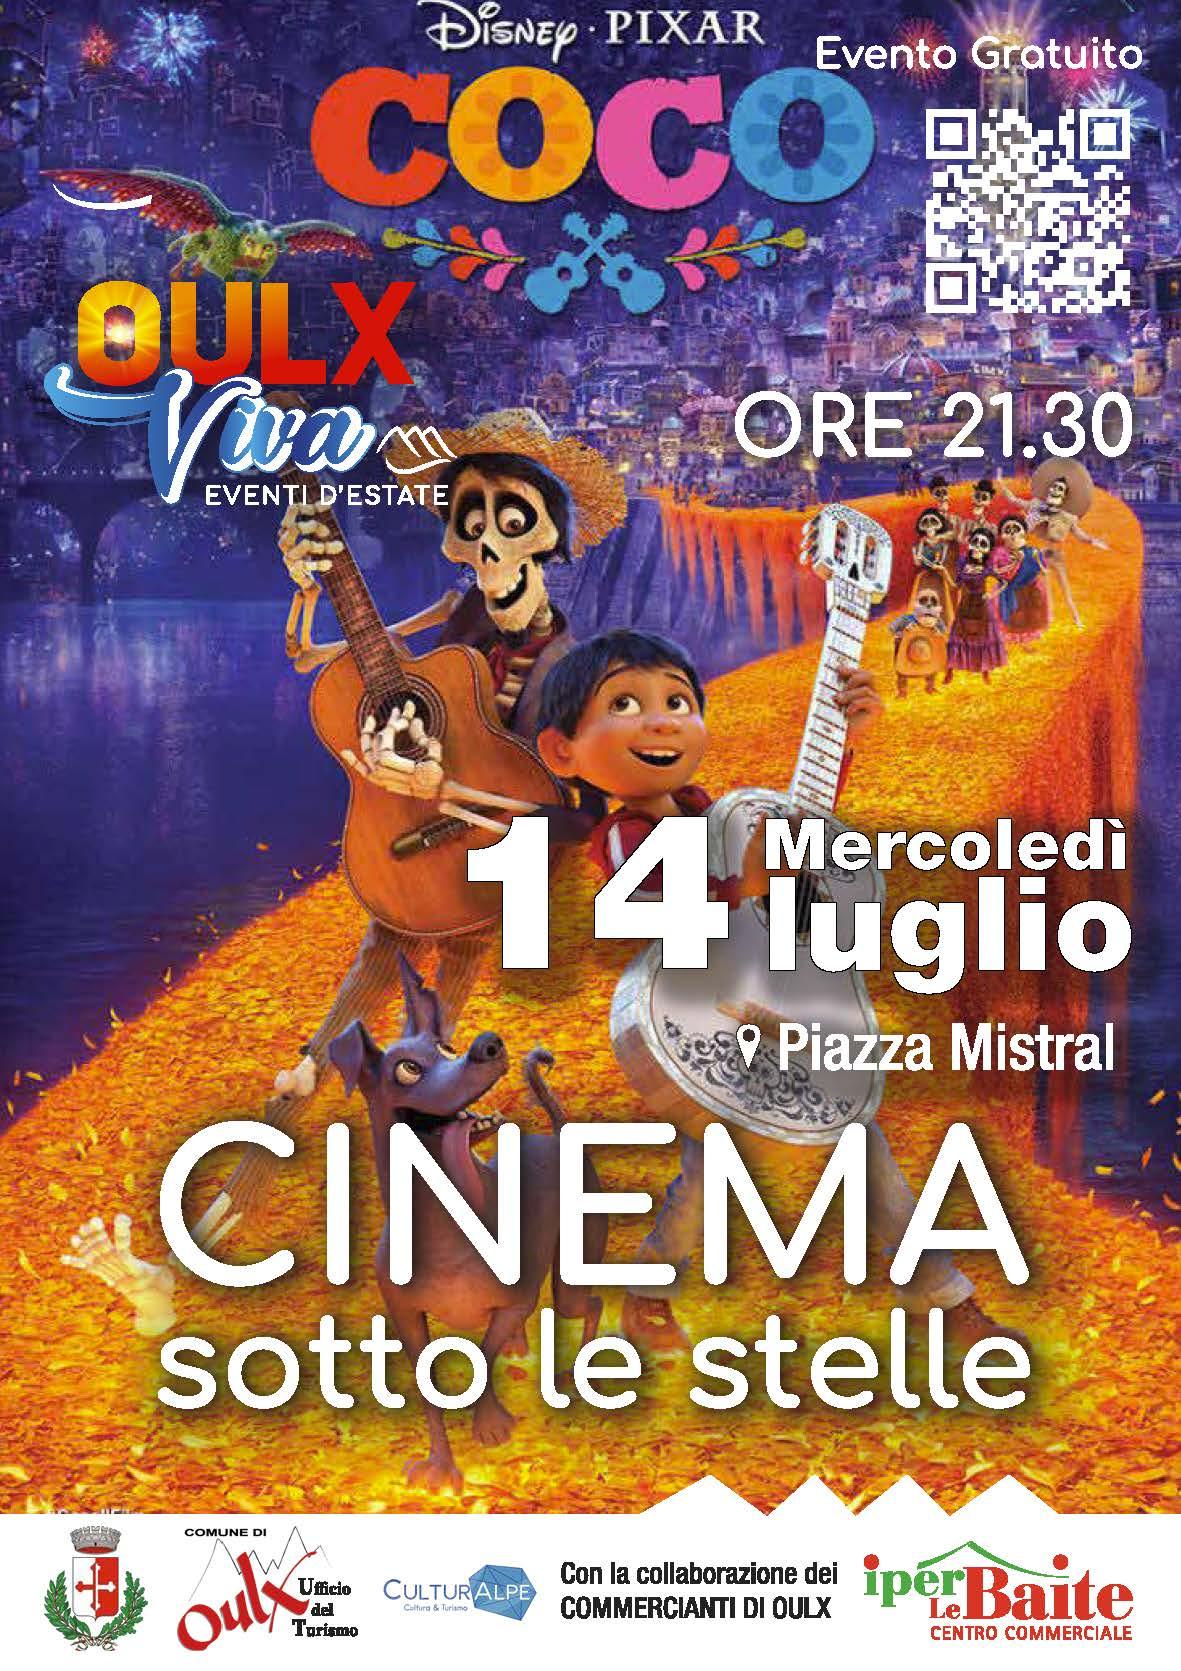 Cinema sotto le stelle -